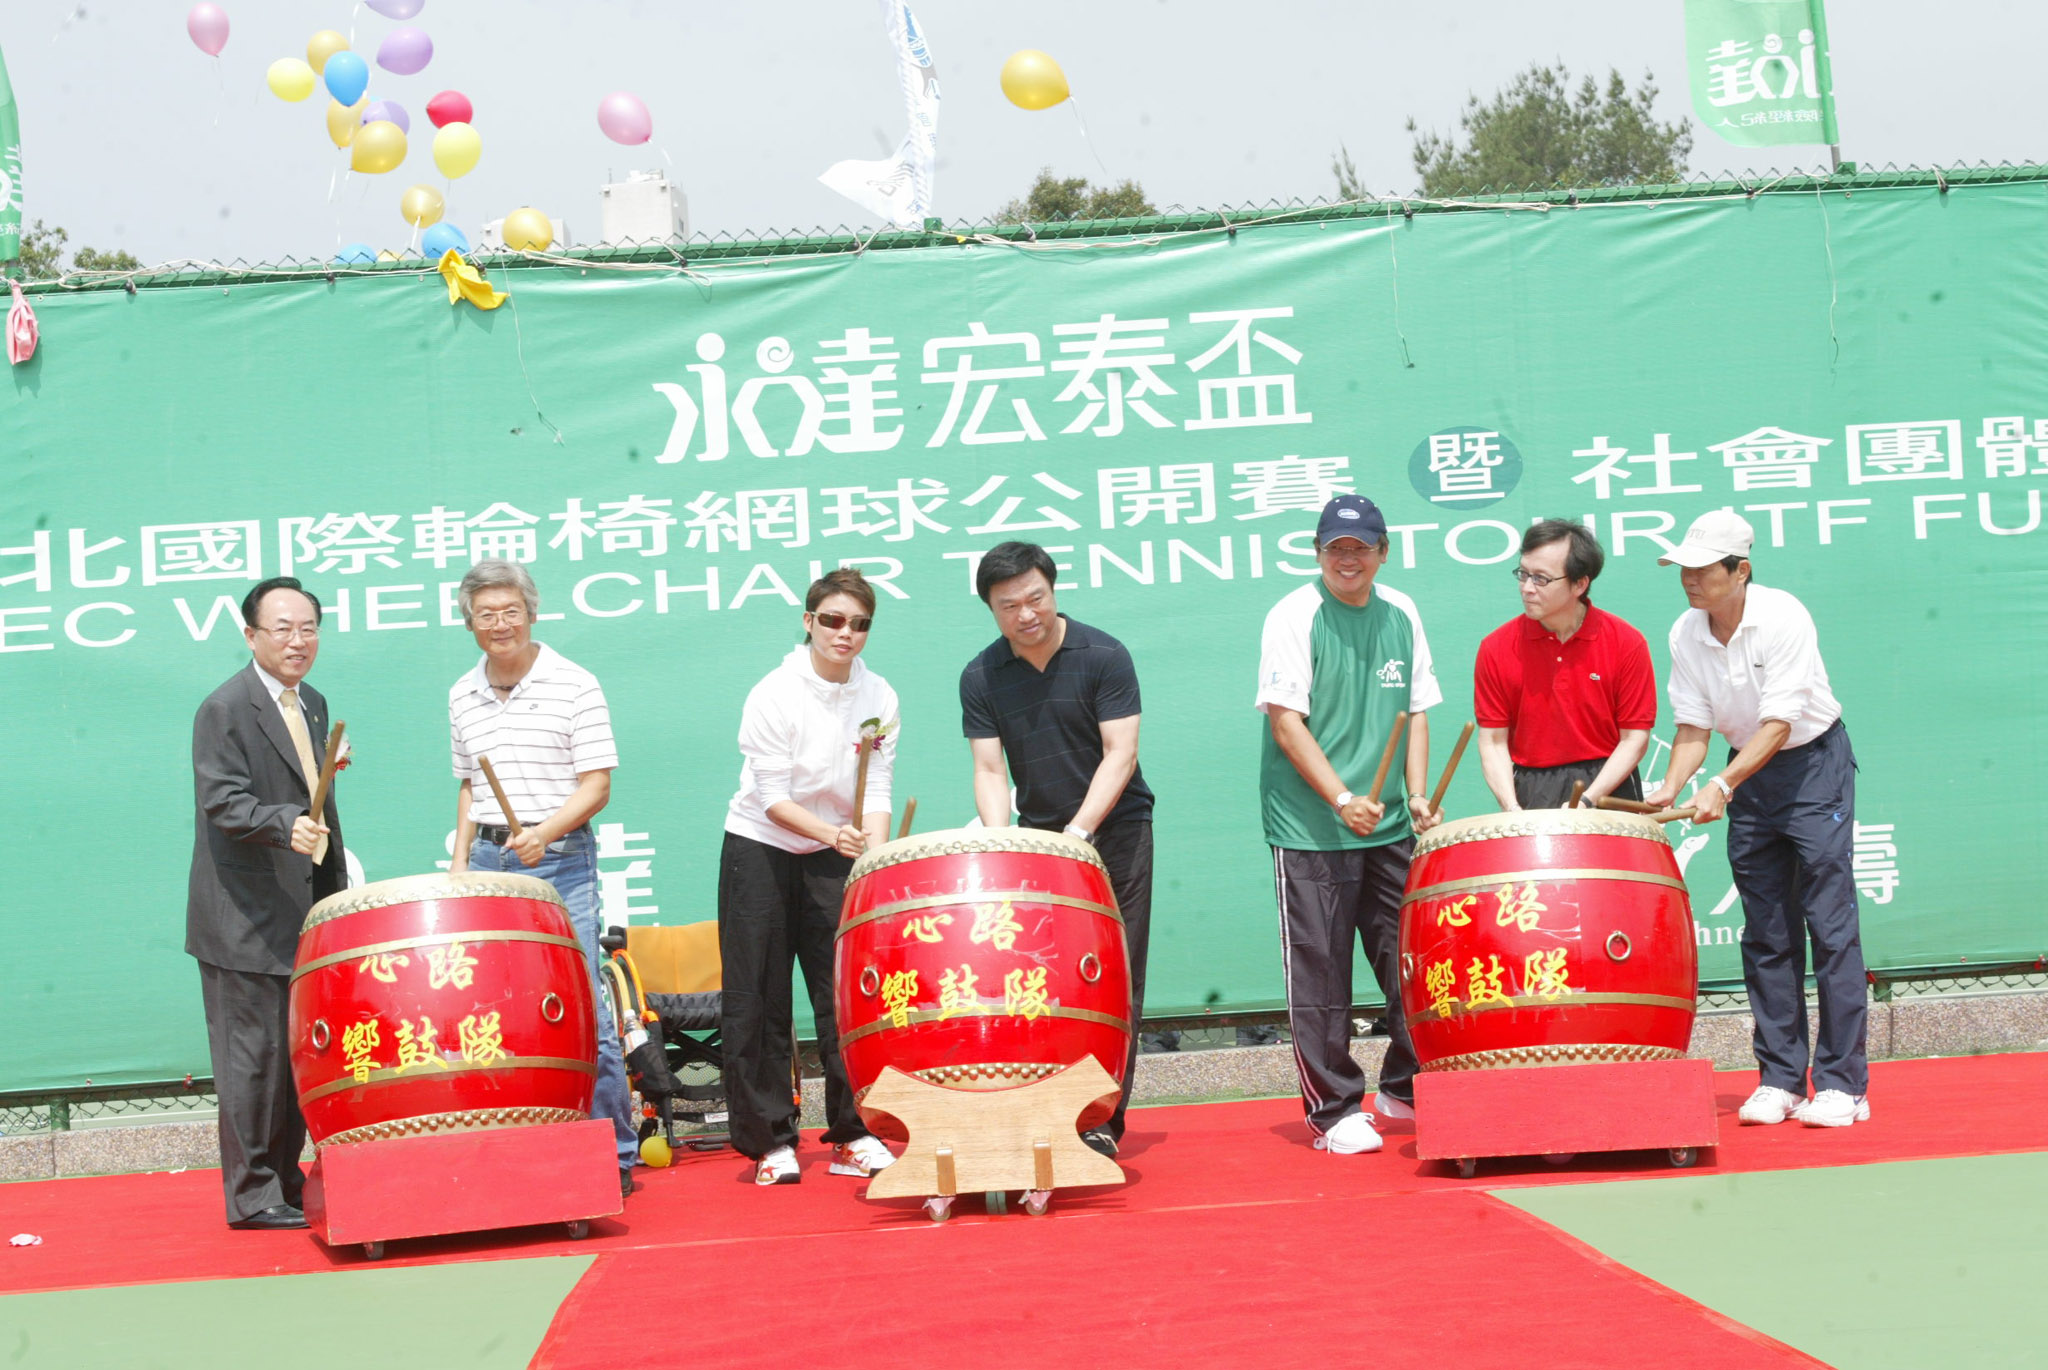 ▲現場貴賓擊鼓儀式為台北公開賽拉開序幕。